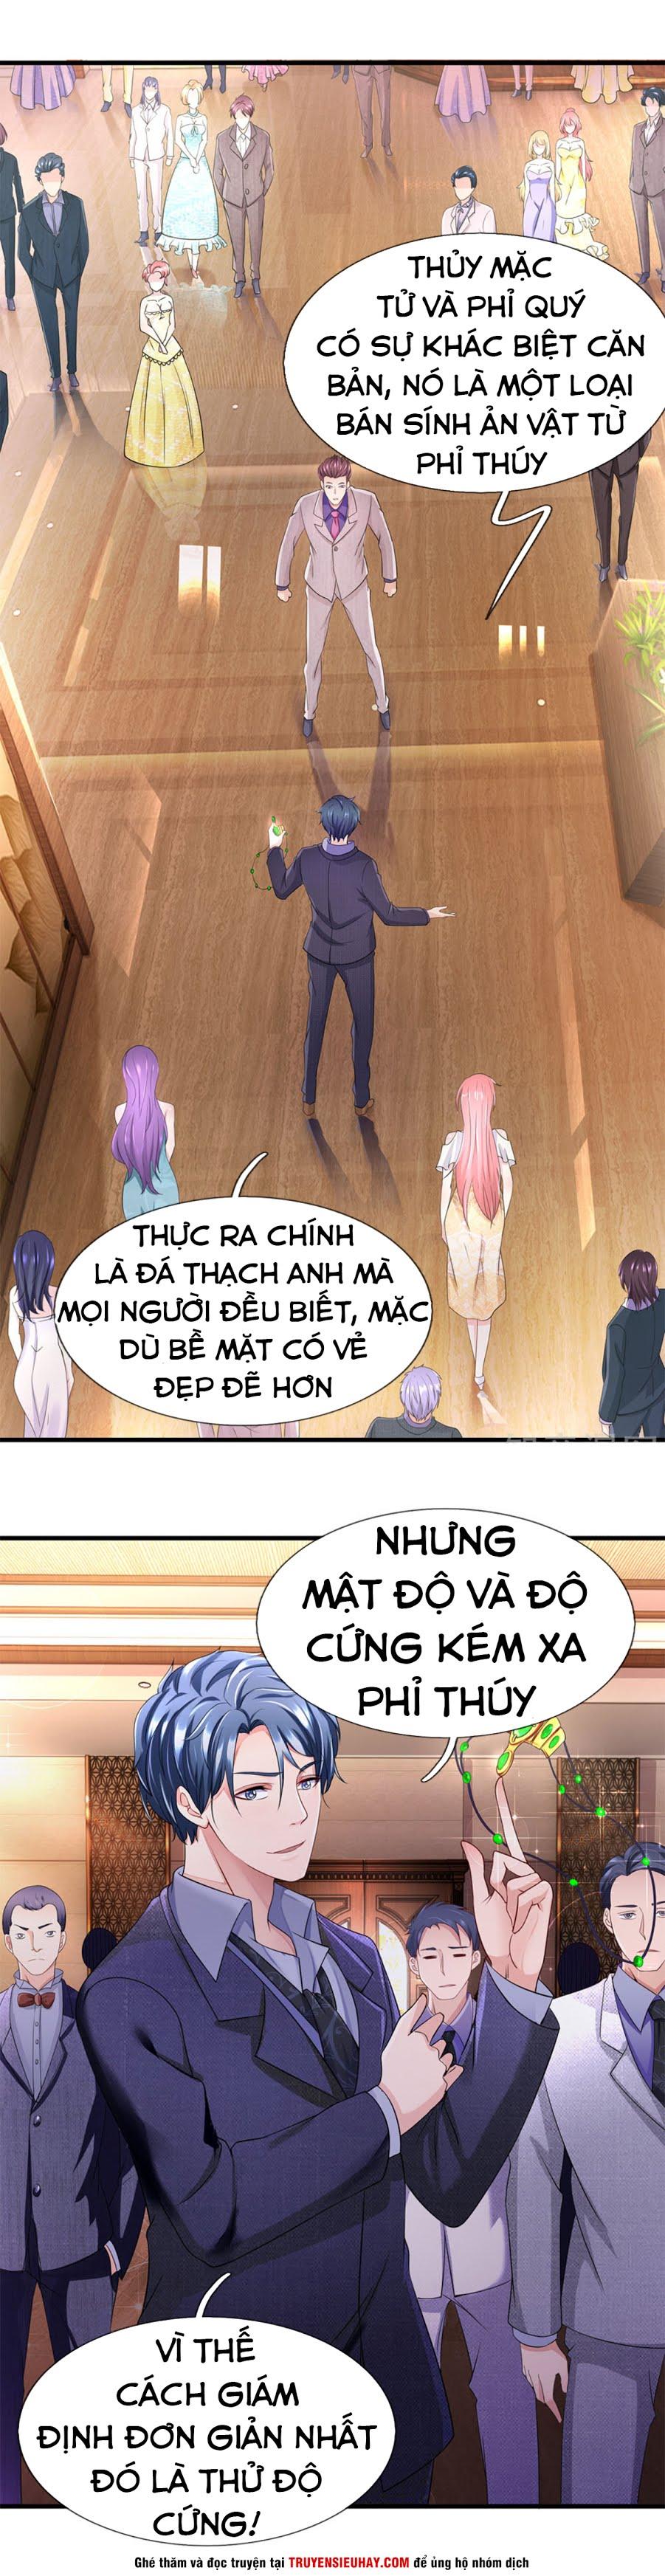 Chung Cực Binh Vương Tại Đô Thị Chapter 21 video - truyenmh.com